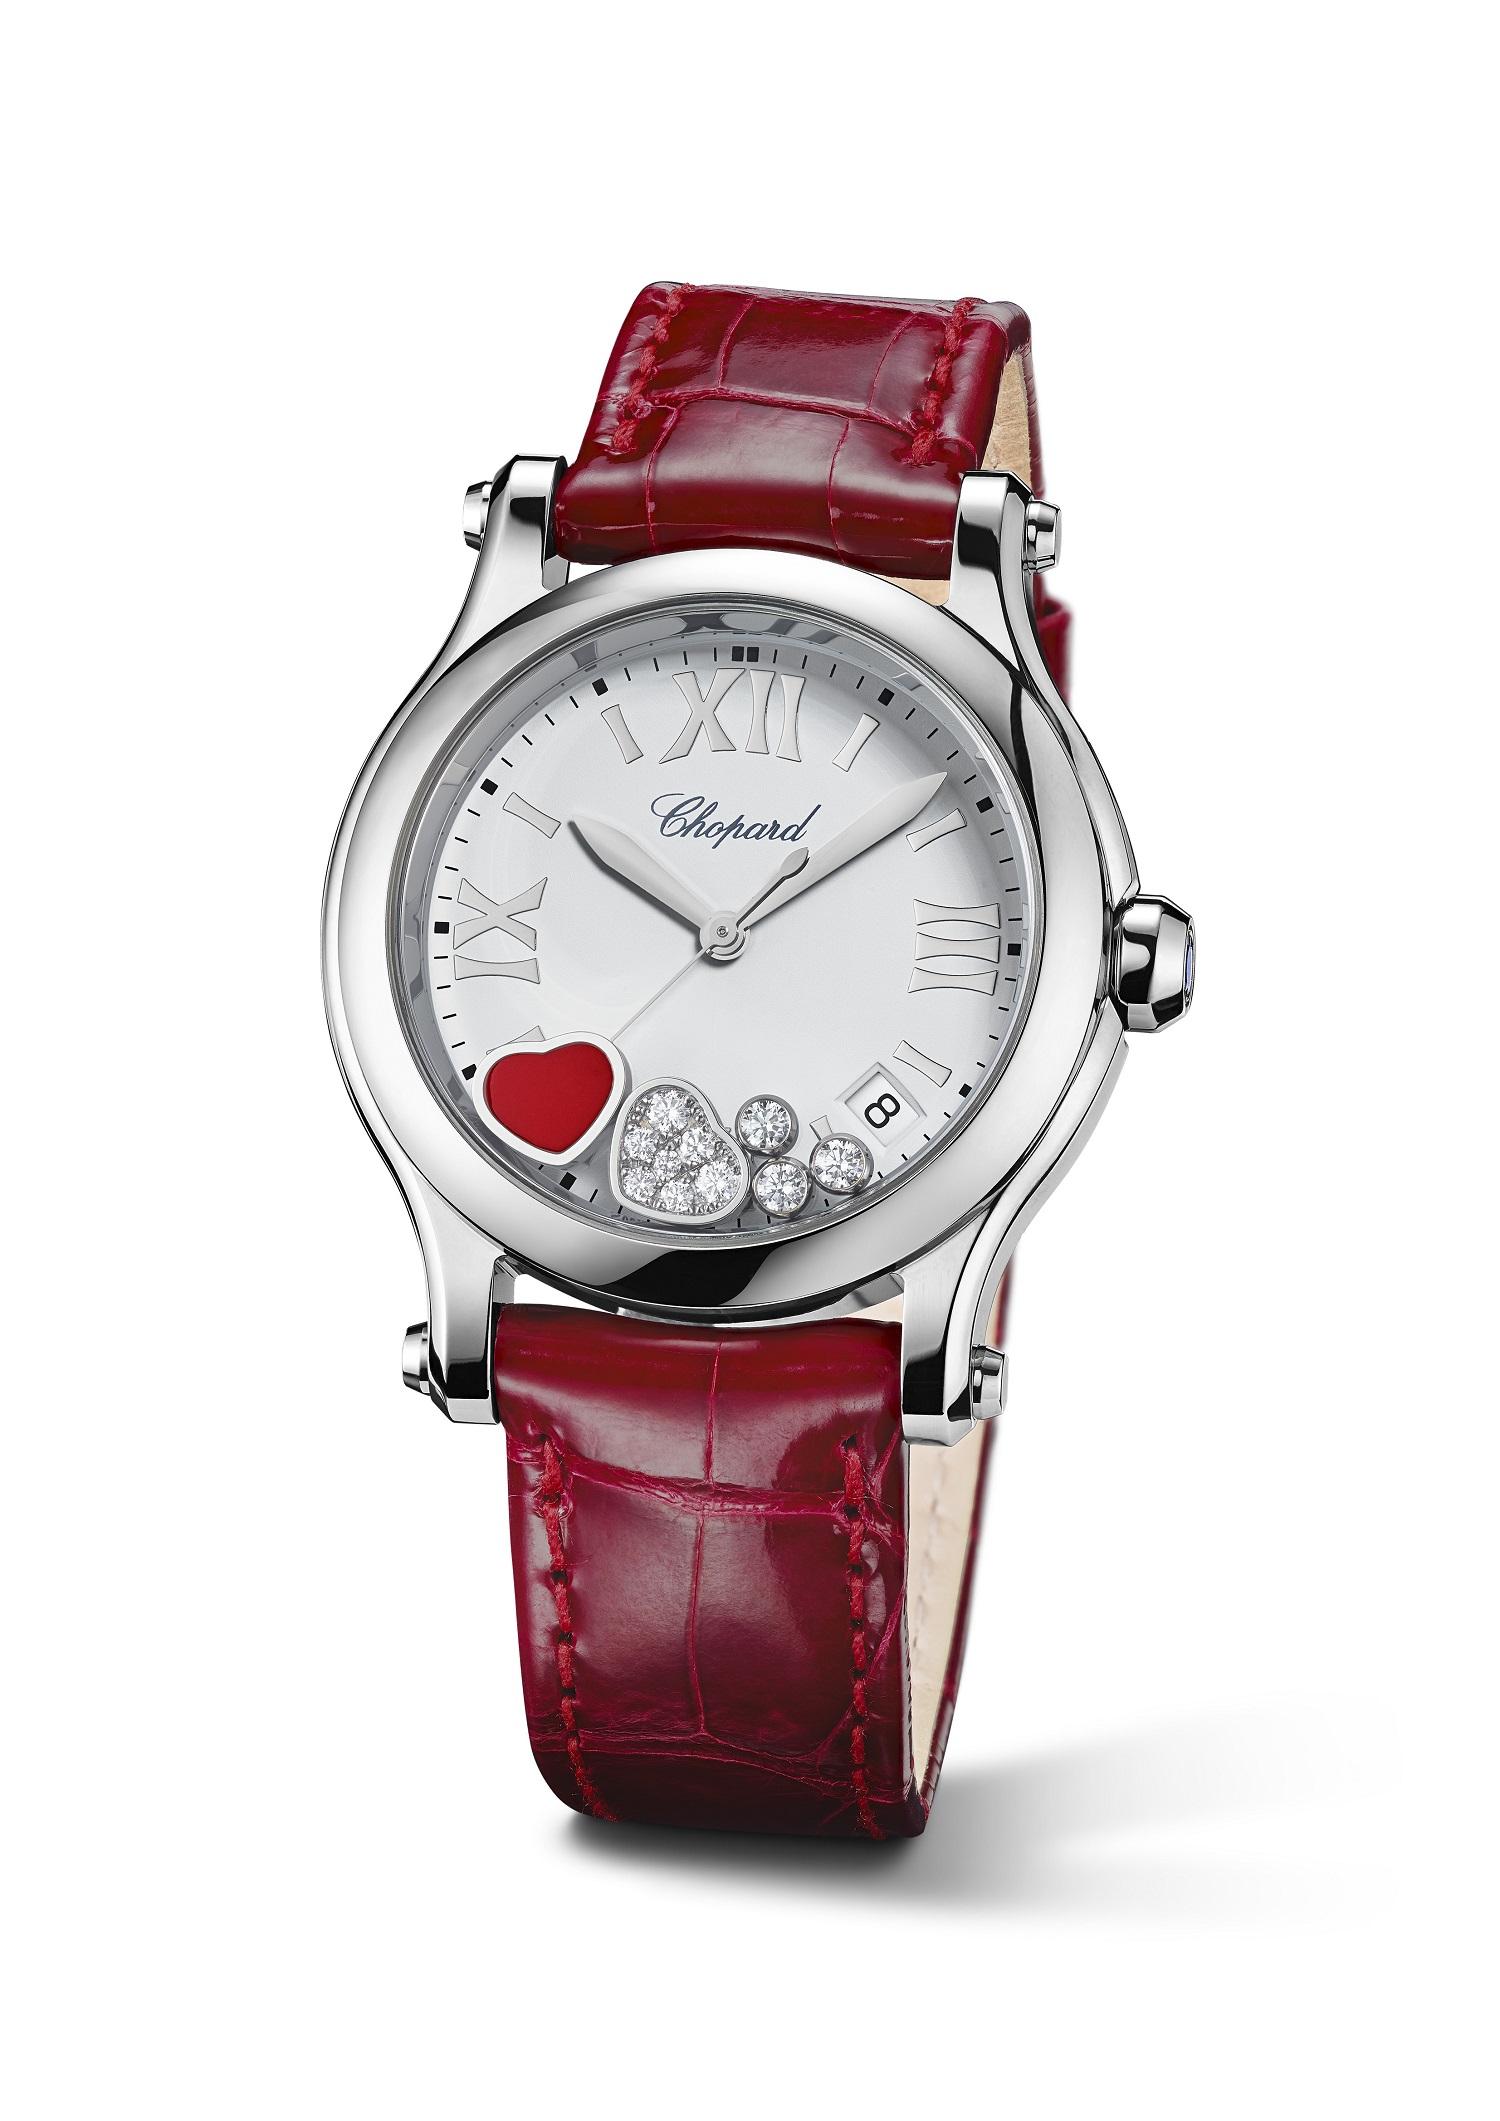 45cd54a2a Snob - Happy Hearts من Chopard ساعة تنبض بقلوب متراقصة لعيد الحب